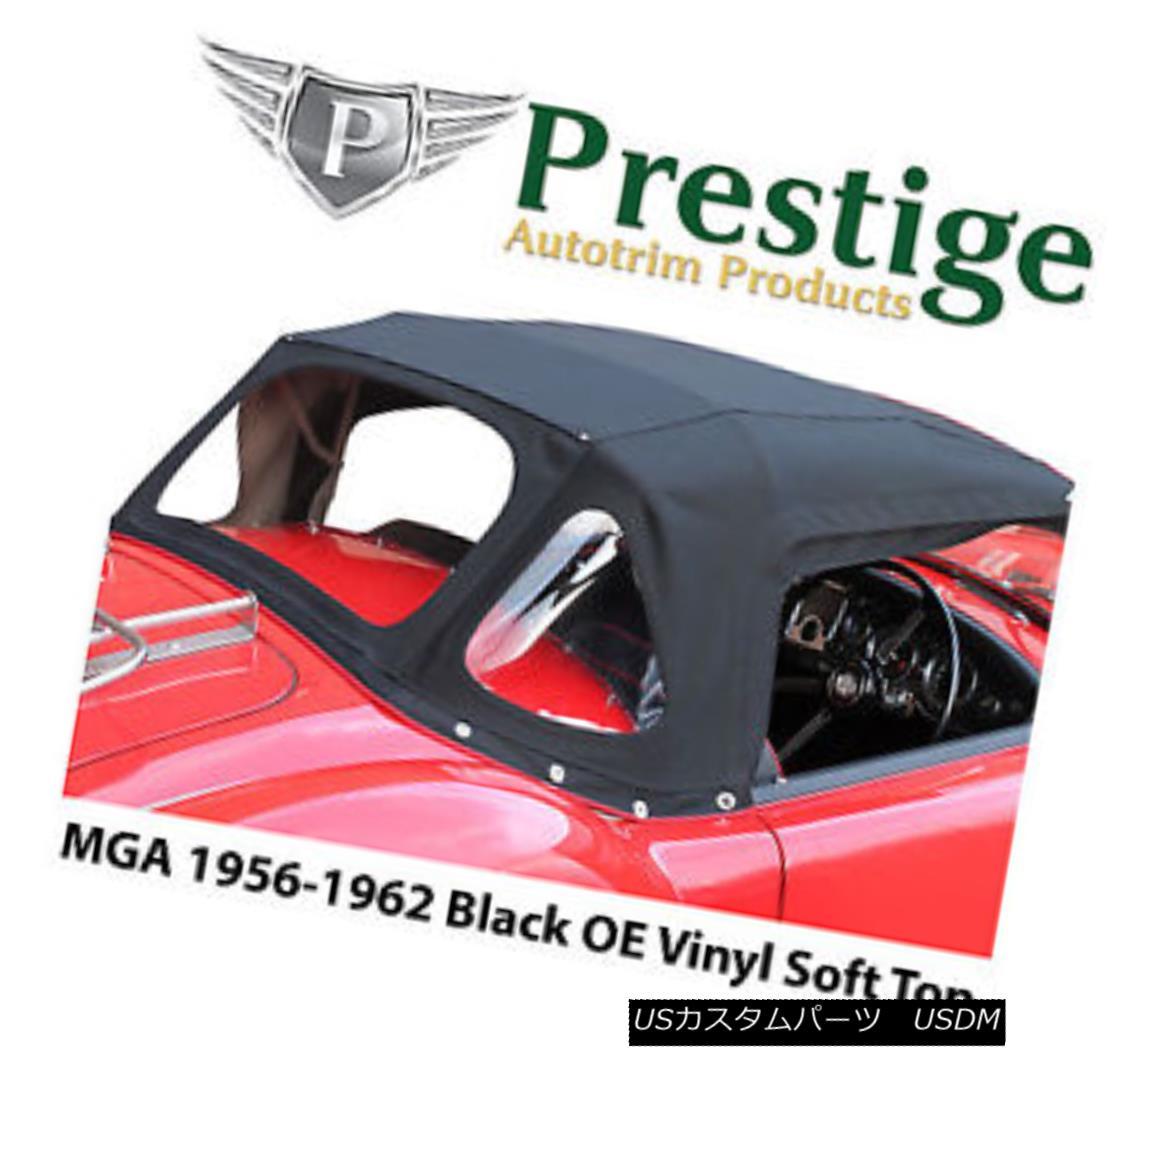 幌・ソフトトップ MGA Soft Tops Convertible Tops Black Factory Quality Vinyl 1956-1962 MGAソフトトップスコンバーチブルトップスブラックファクトリービニール1956-1962